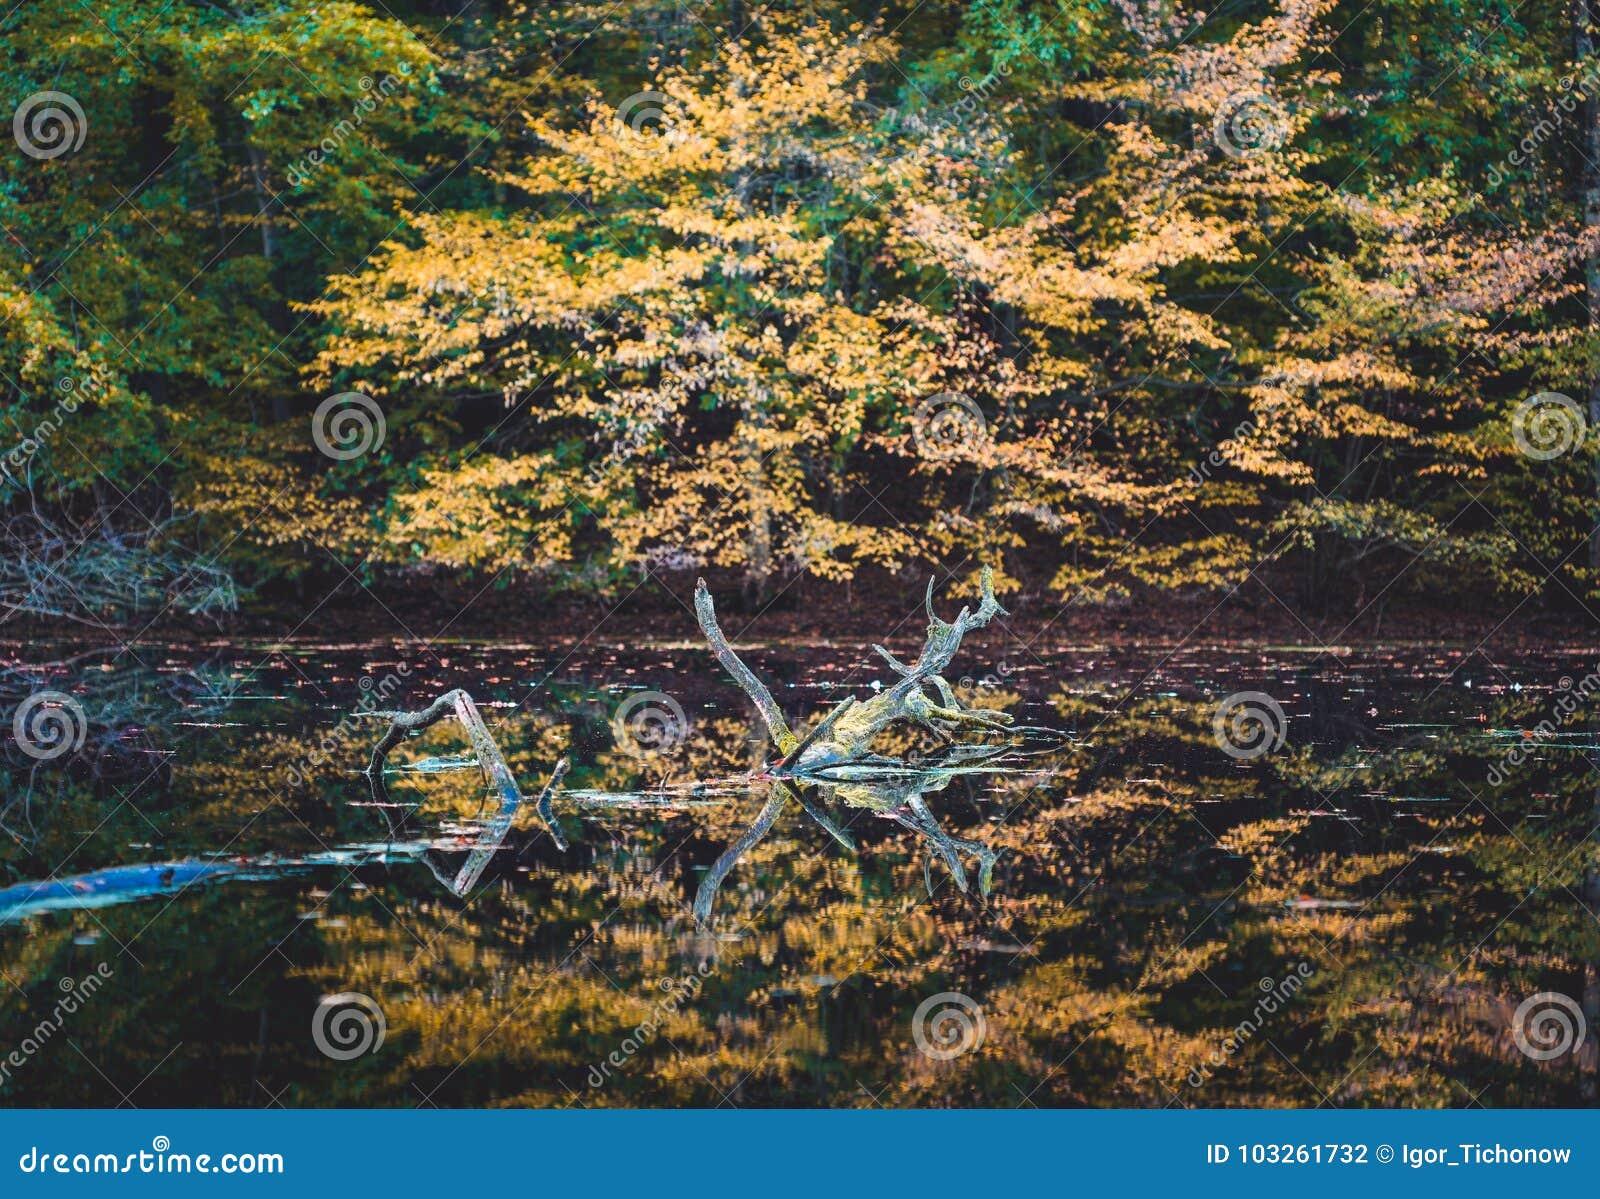 Otoño de oro Amarillee los árboles coloreados reflejados en una pequeña charca